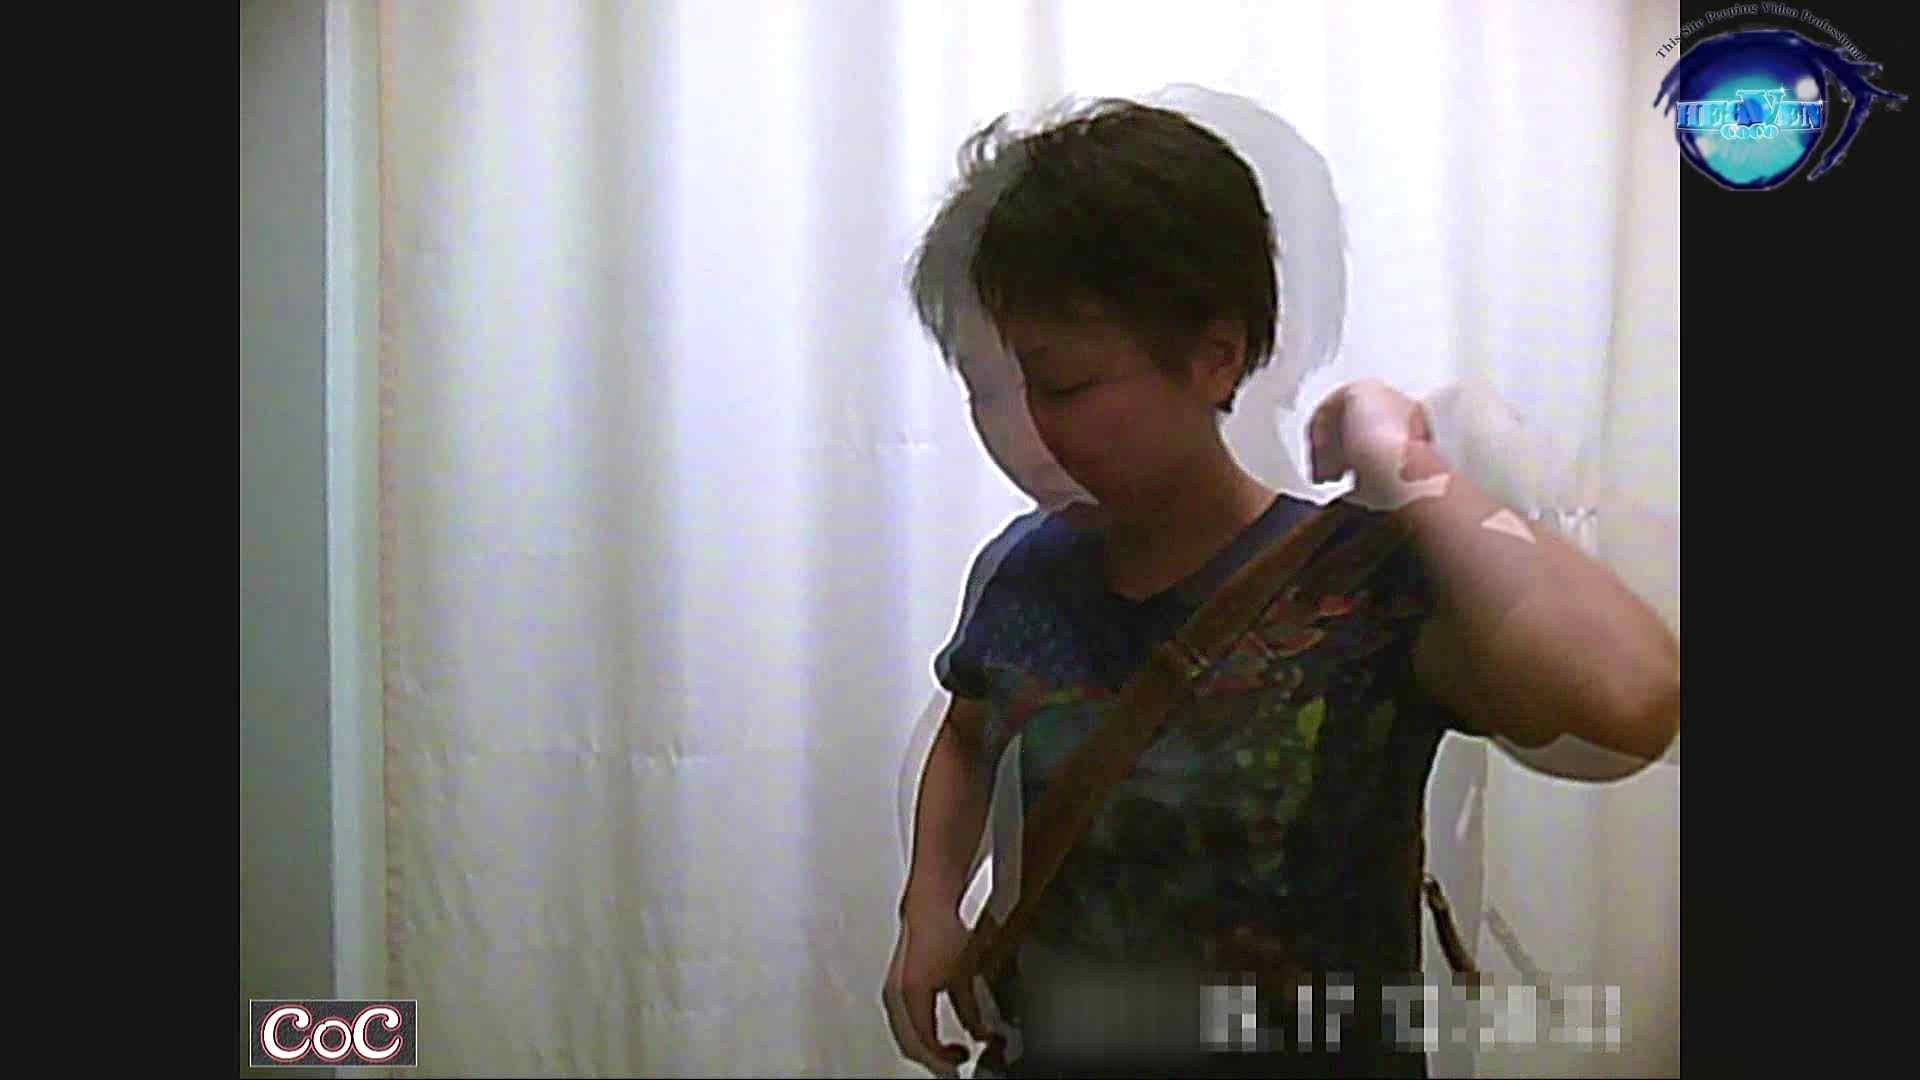 激ヤバ健康診断!着替えの一部始終.vol.28 ※本編ボカシ・目線無し ナースのエロ動画 のぞき動画キャプチャ 100PIX 84